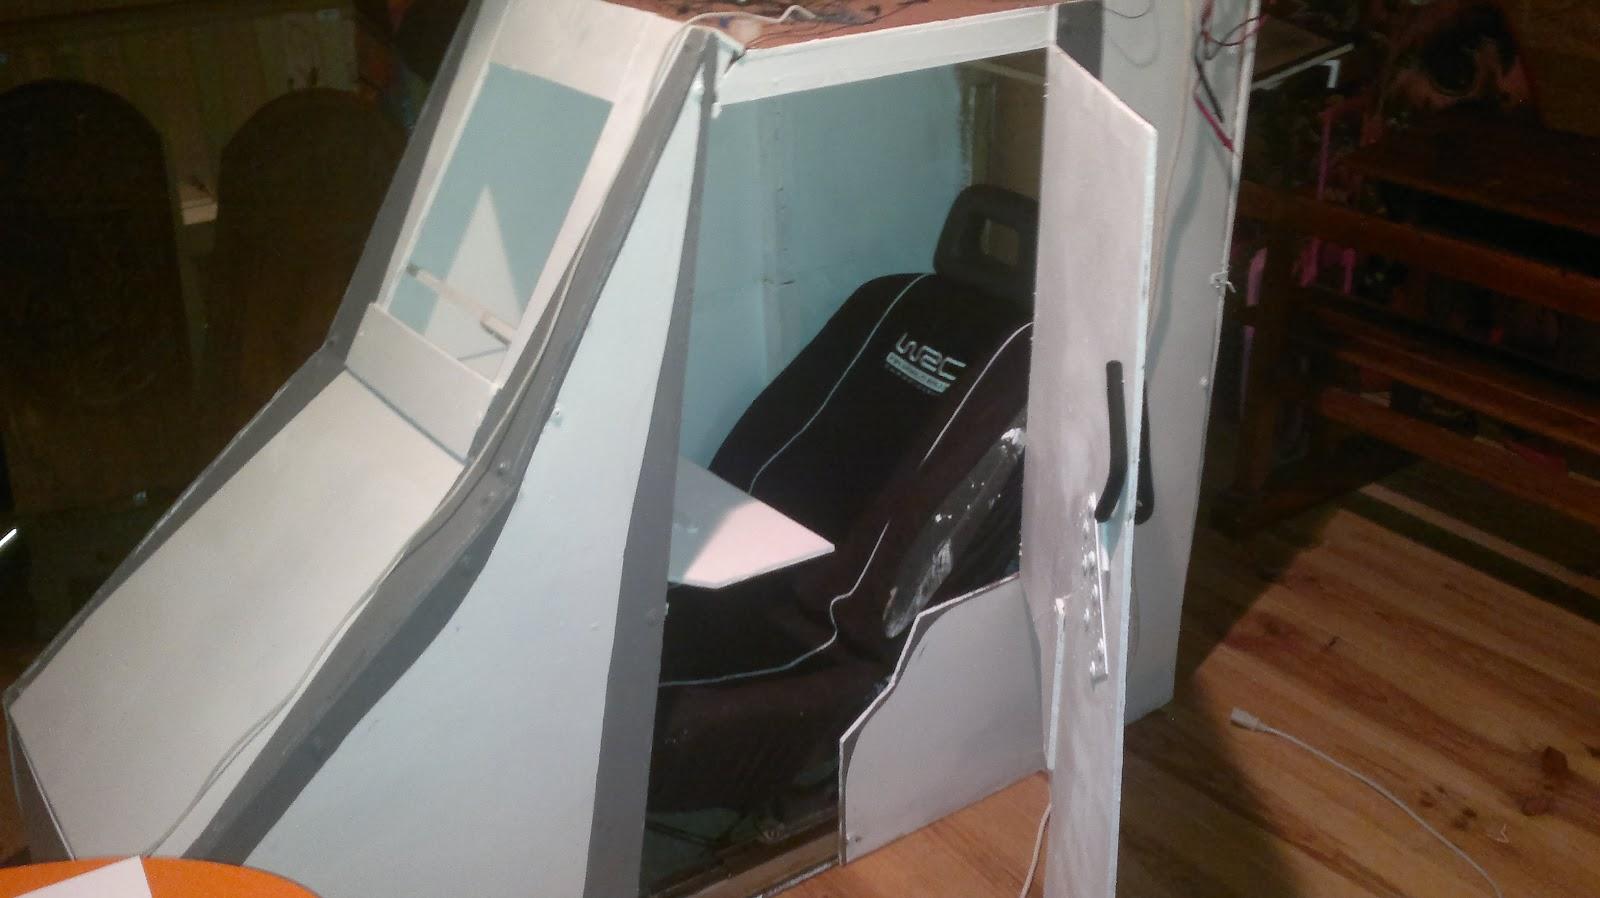 megatronic cockpit pour orbiter. Black Bedroom Furniture Sets. Home Design Ideas